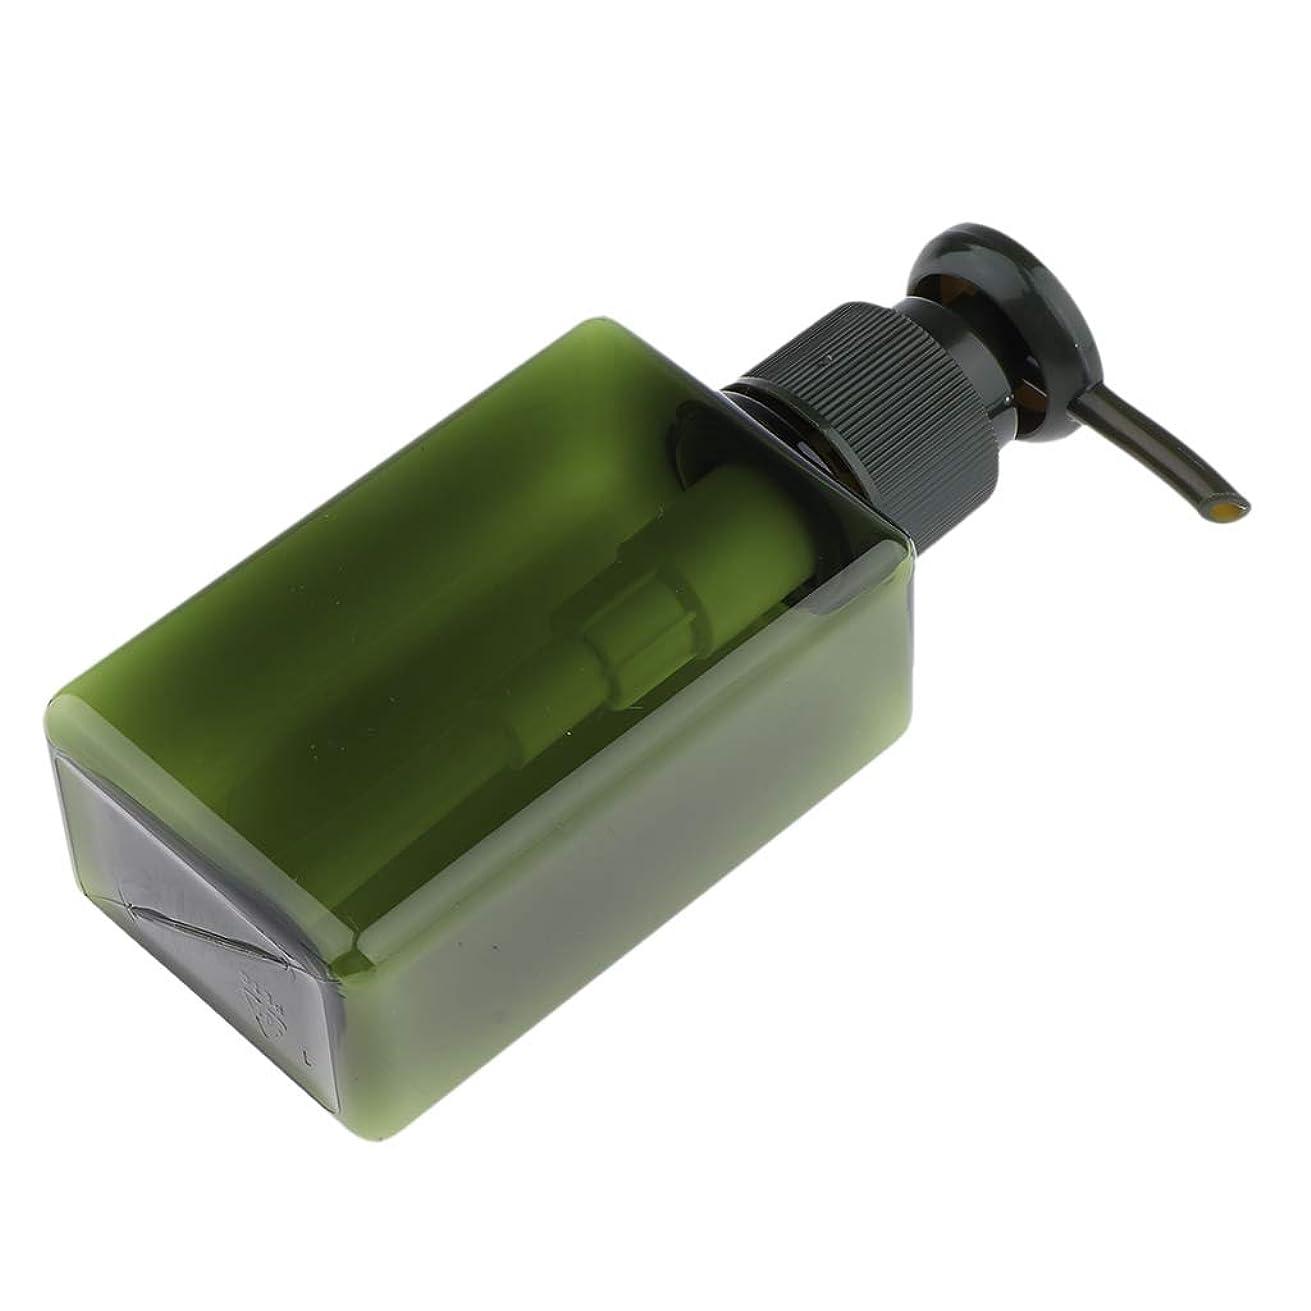 コンクリート豪華なカカドゥB Baosity 化粧品ボトル ポンプディスペンサー 100ミリリットル 6色選べ - 緑